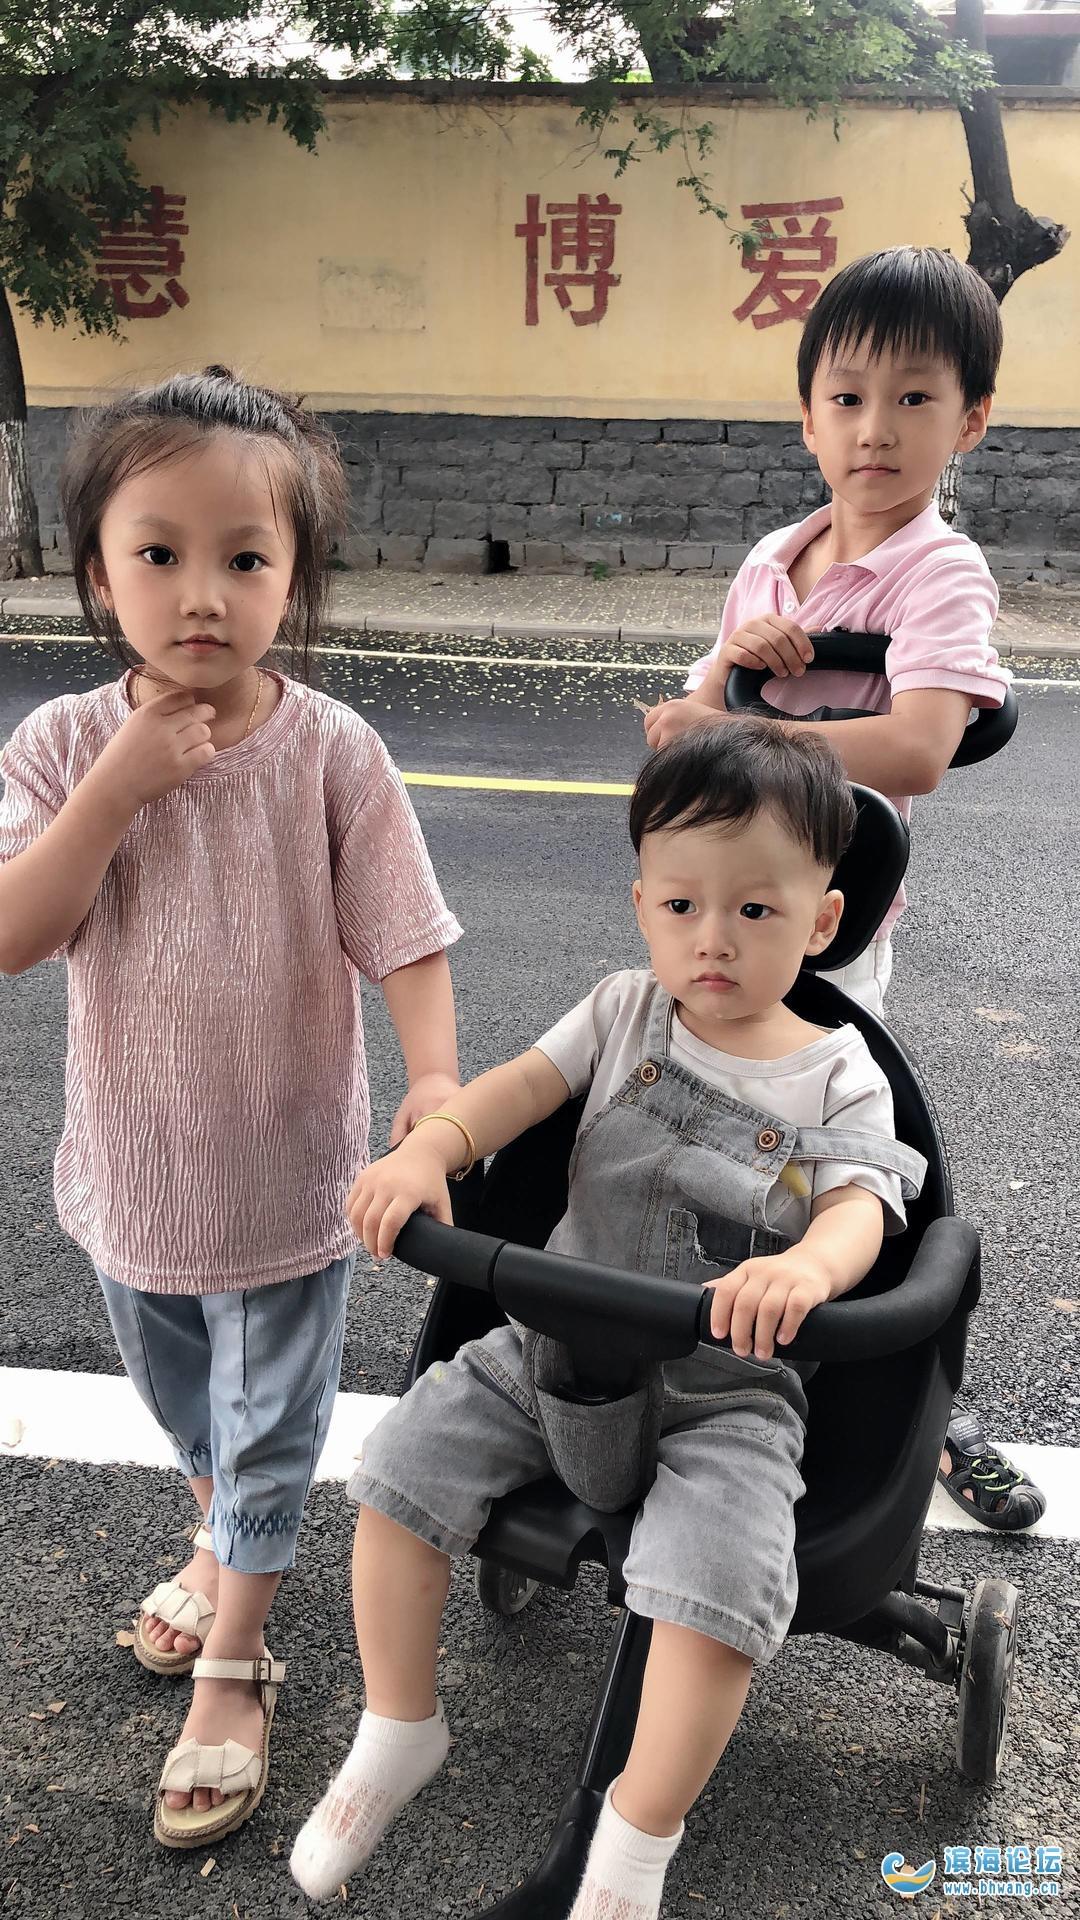 我的三个大宝贝,小家伙太难配合了!